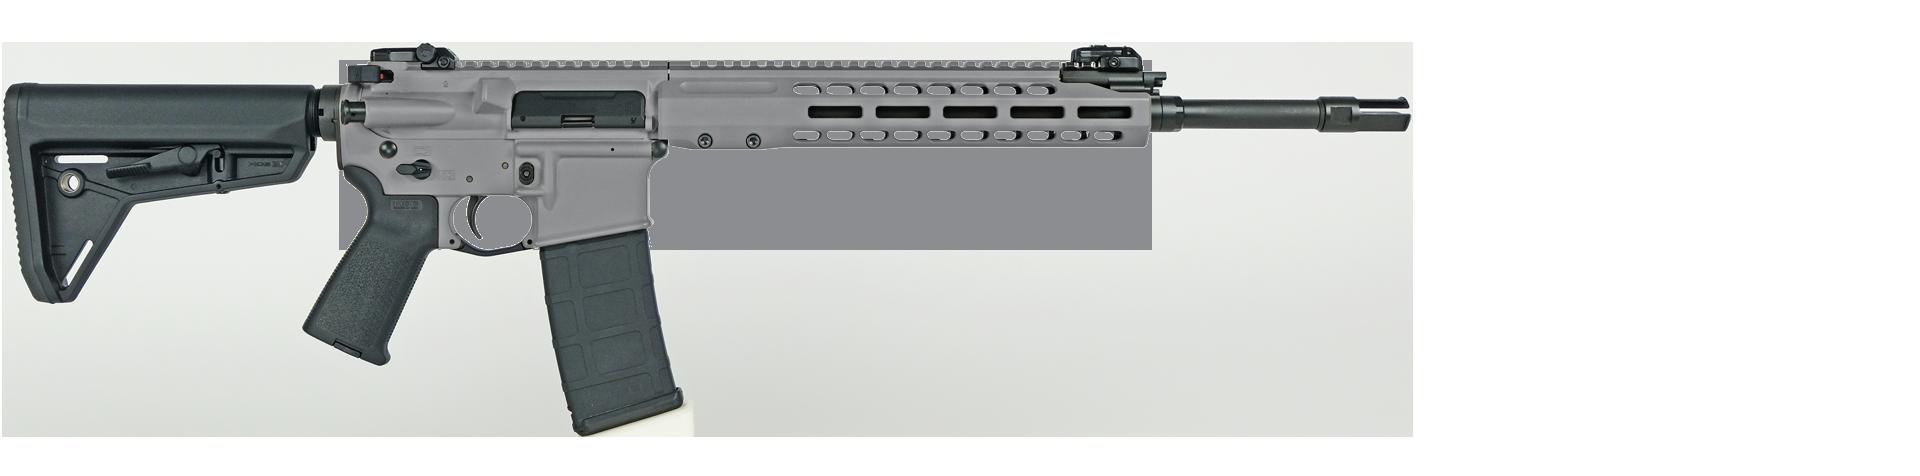 """carbine"""" Barrel Configuration Image"""